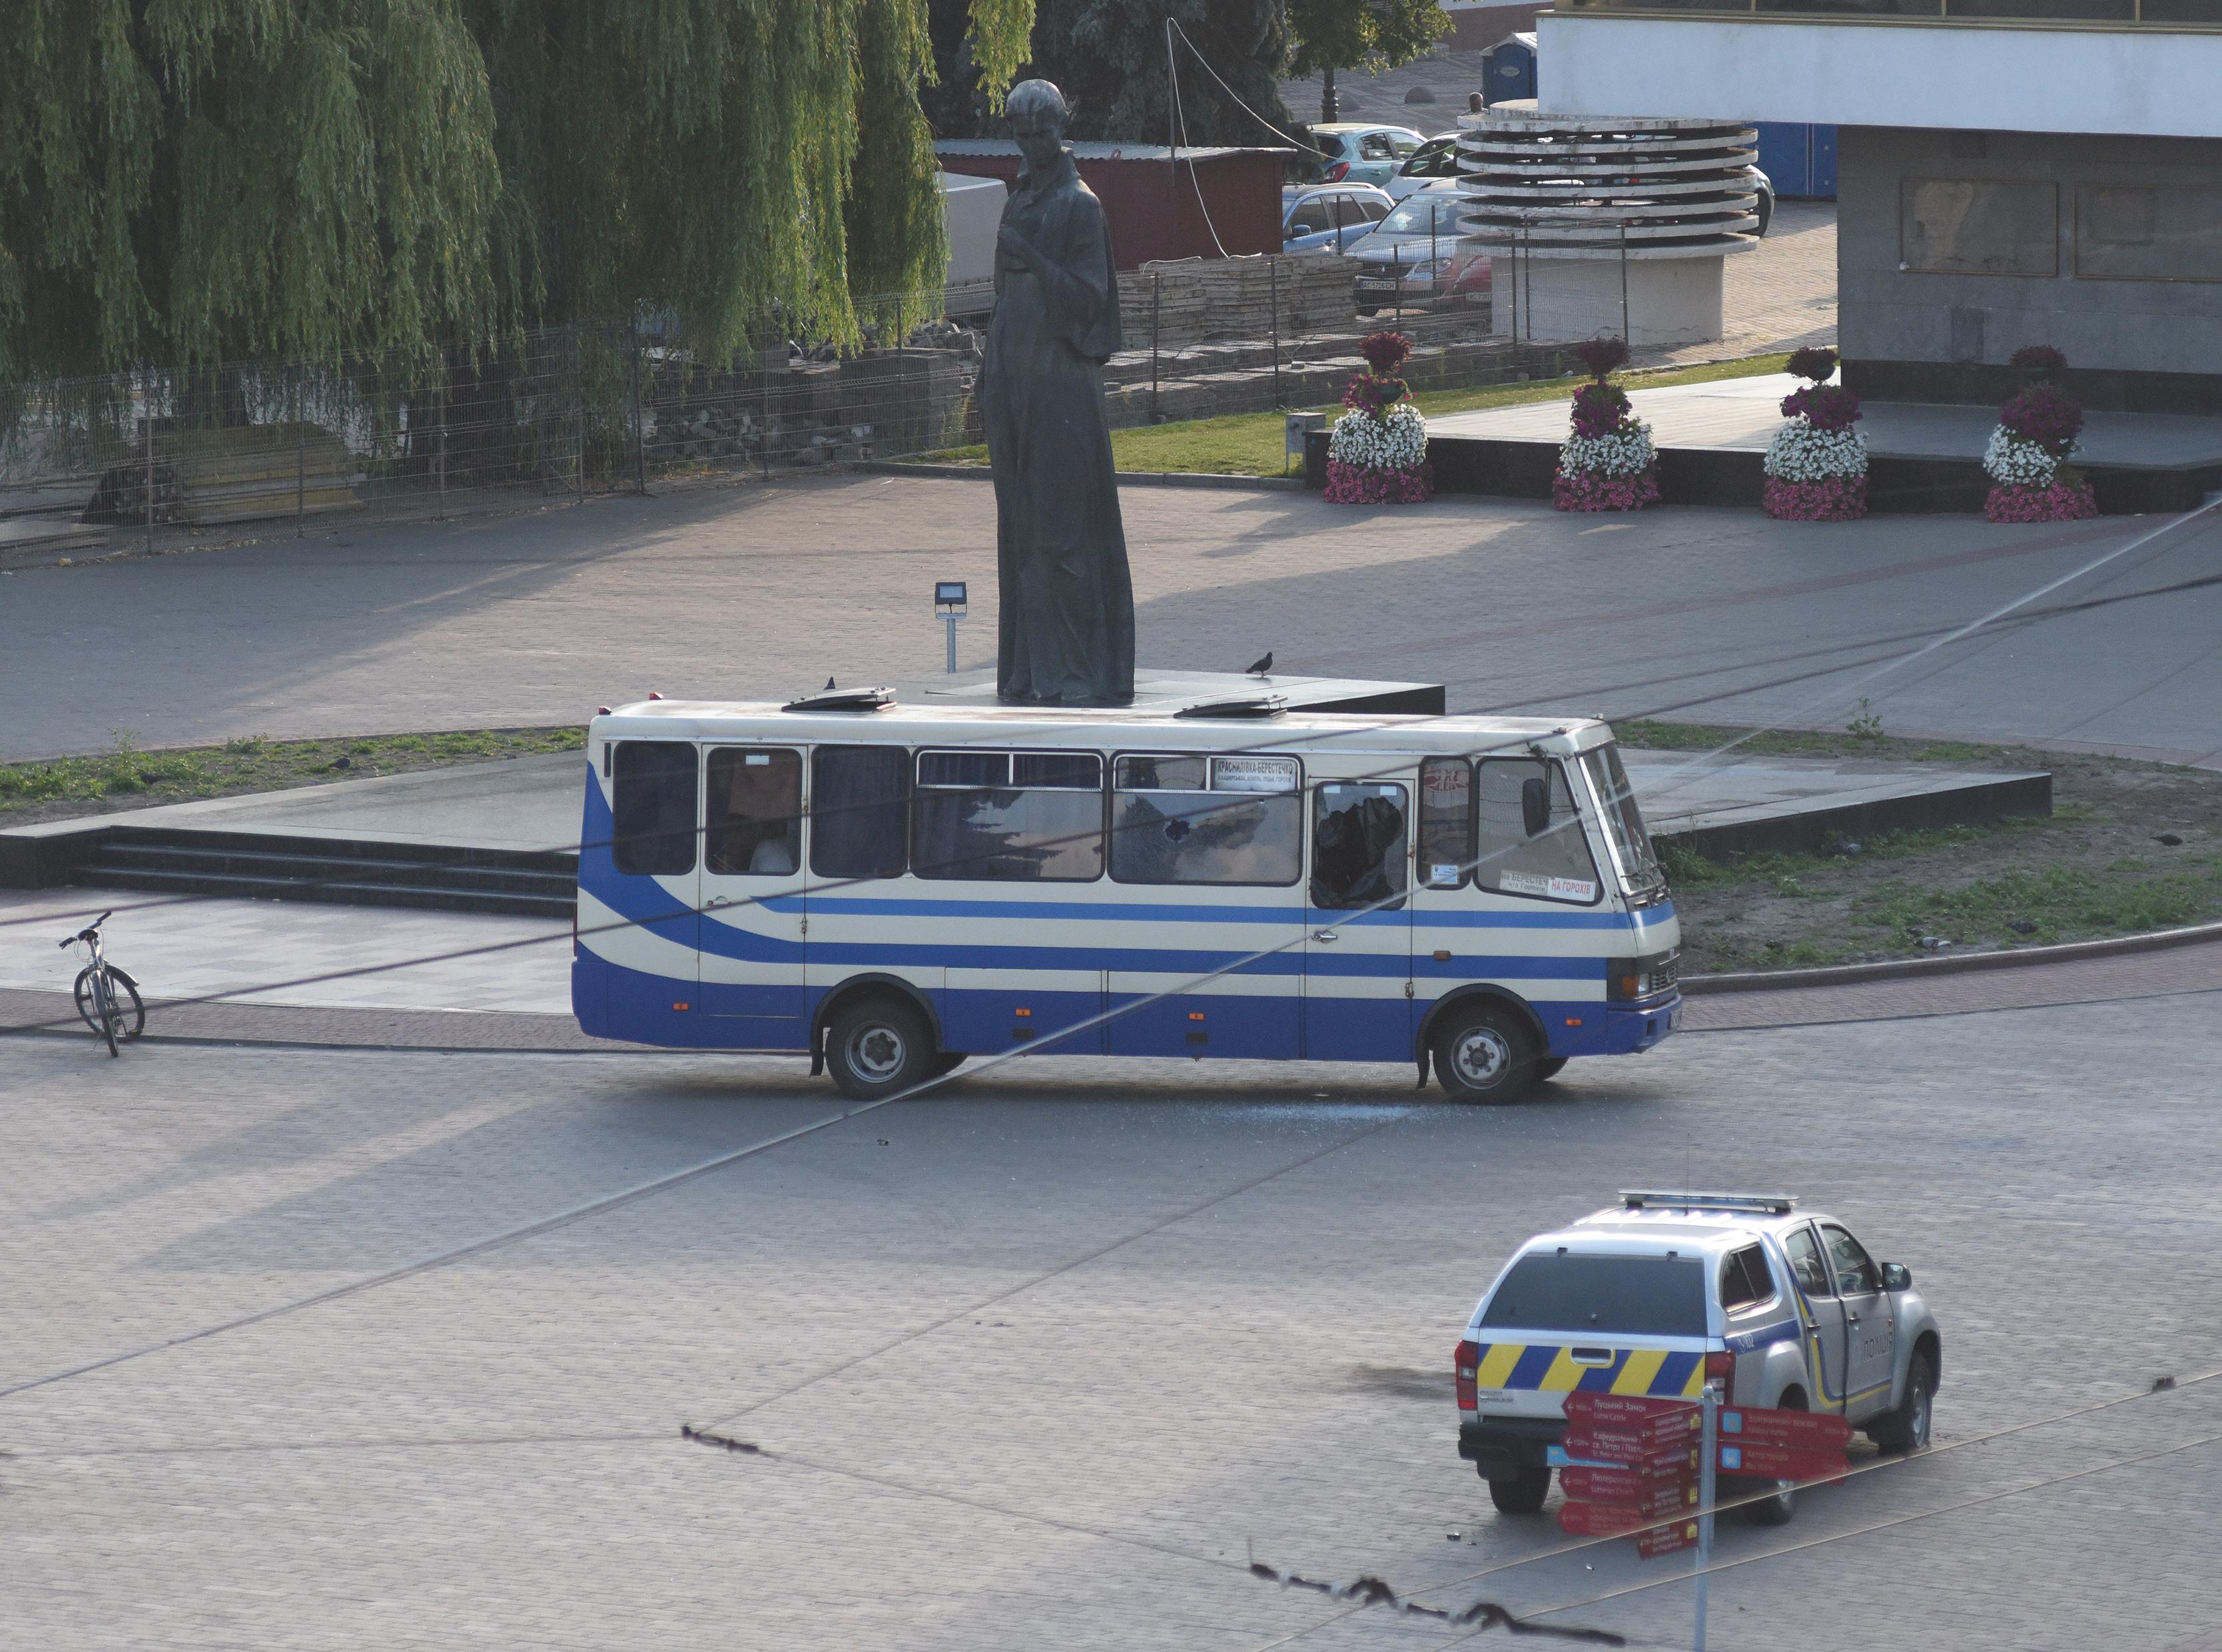 Őrizetbe vették az ukrajnai busz utasait túszul ejtő fegyverest